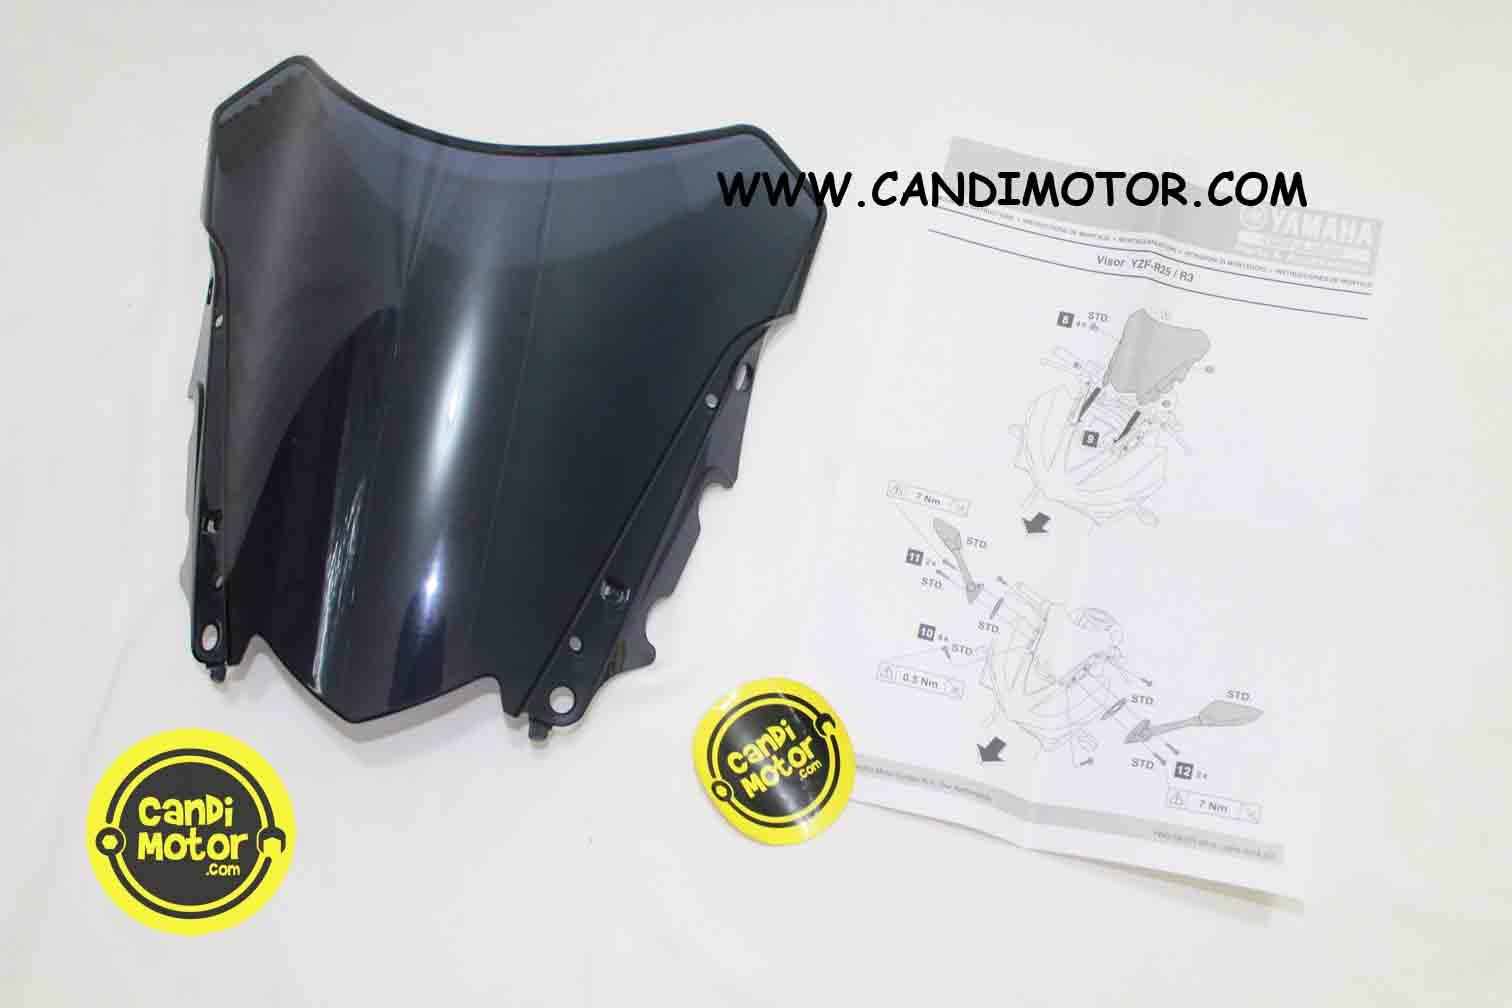 Visor Windshield Yamaha R15 Smoke Daftar Harga Terbaru Dan New Model Motor Gp Krennn Tebel 4mm Anti Buram R25 R3 Candi Kembali Ke Halaman Produk Download